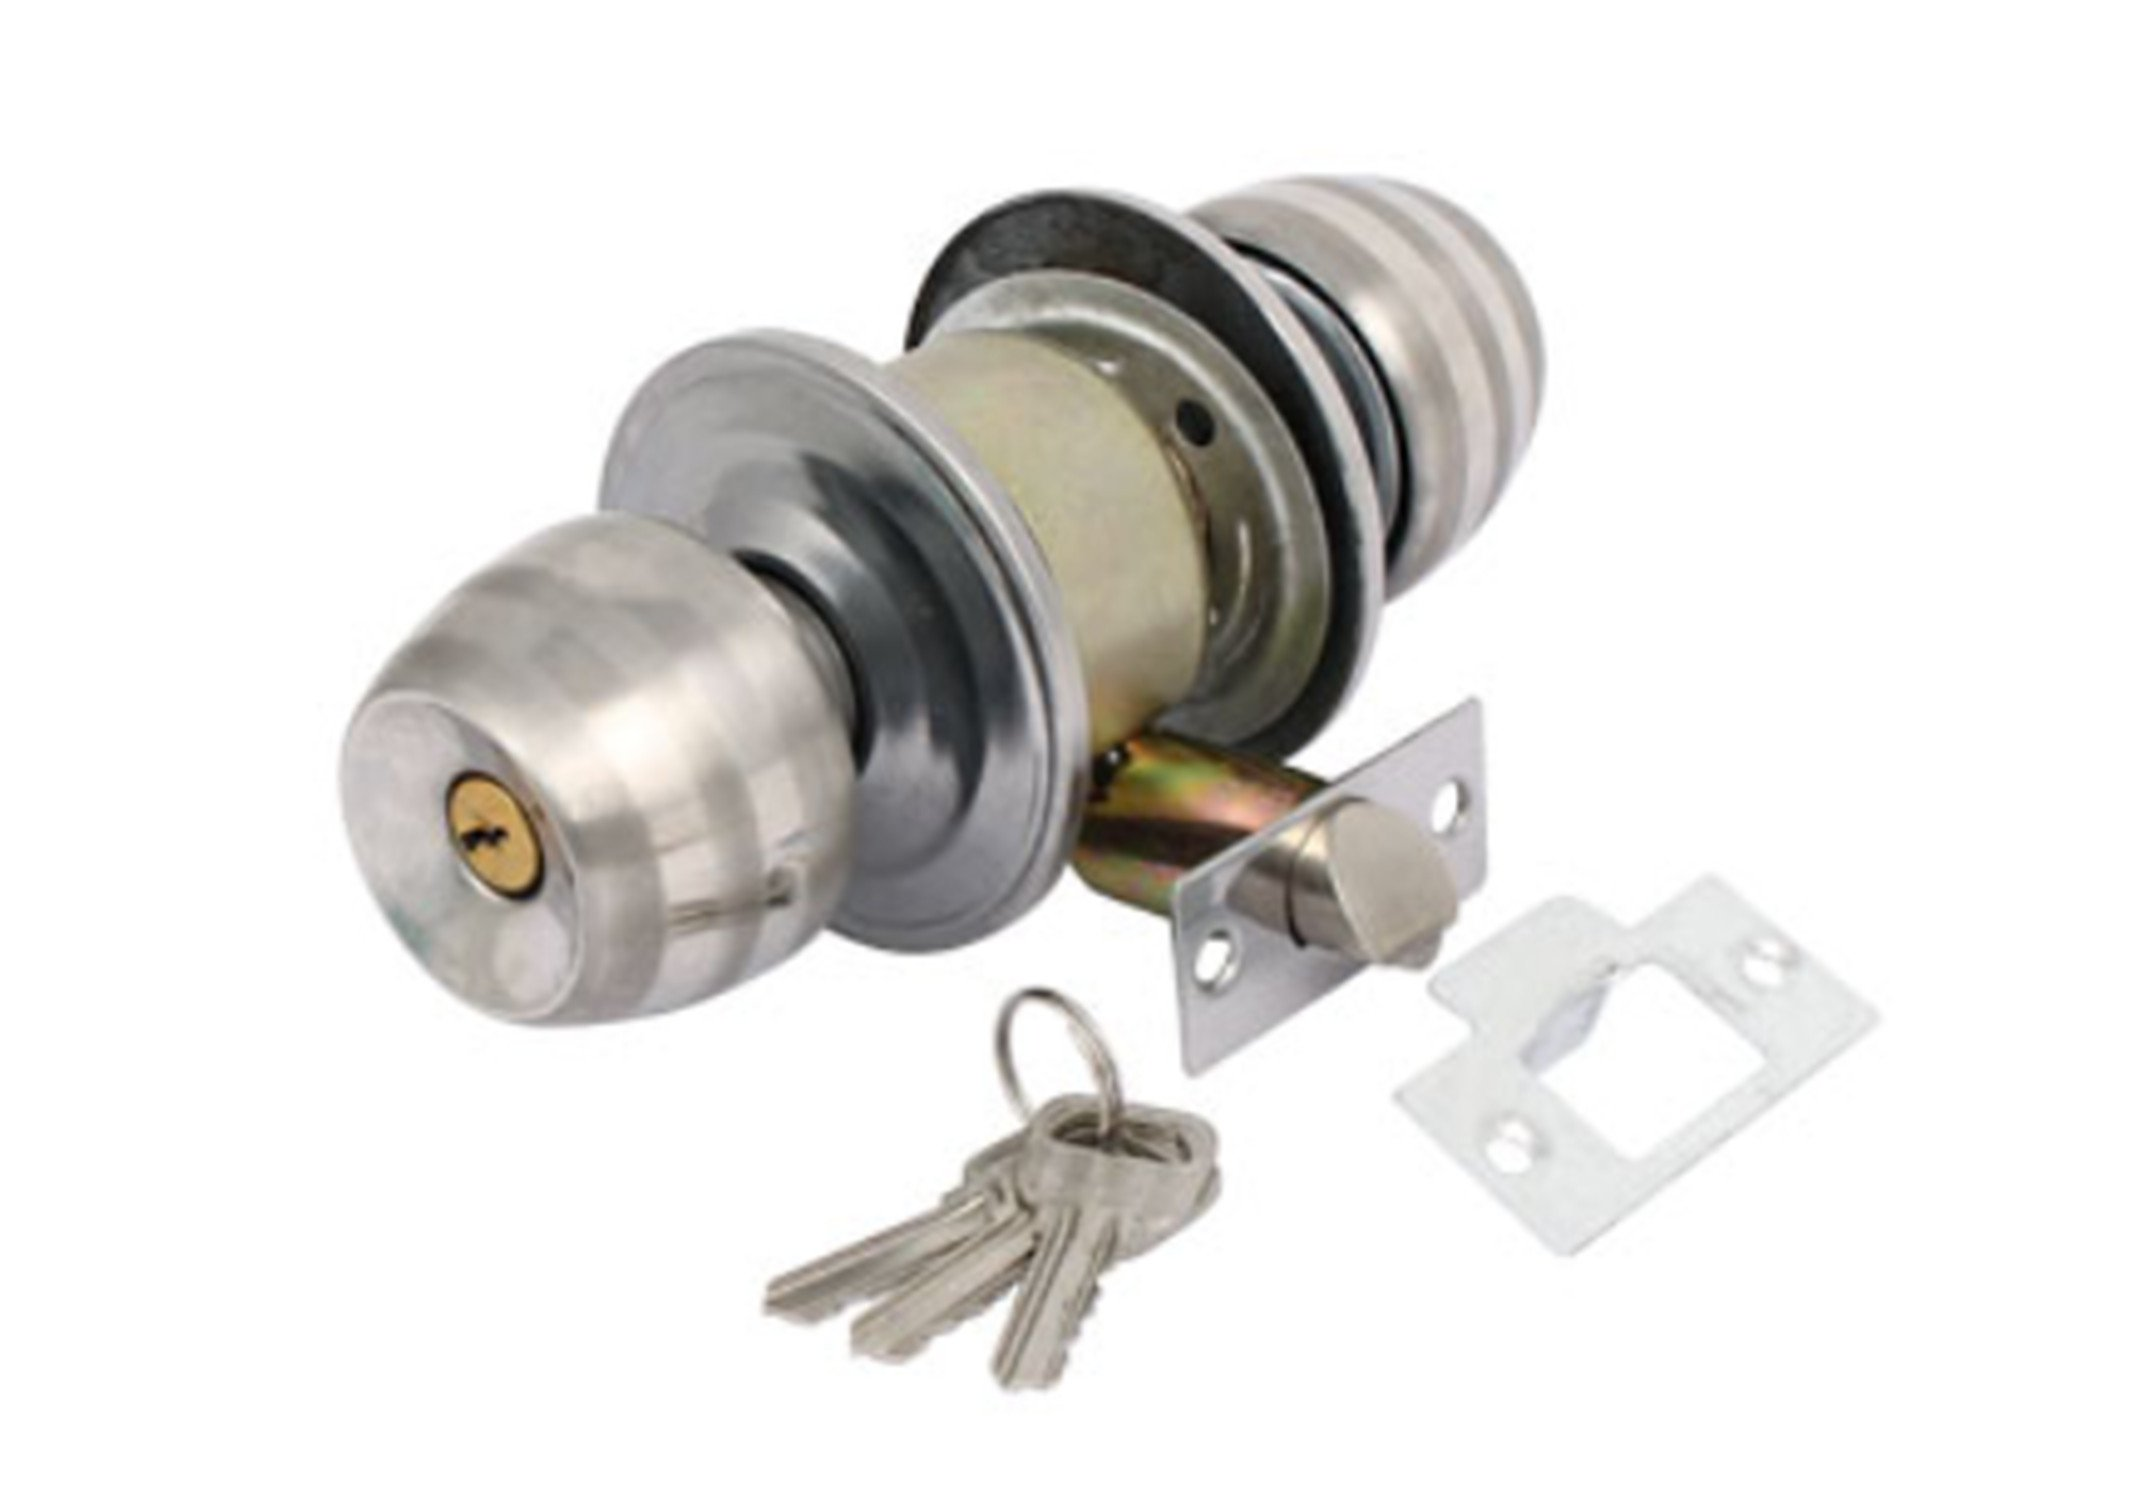 Home Bedroom Door Gate Metal Security Round Knob Lock Lockset w Keys by DCS